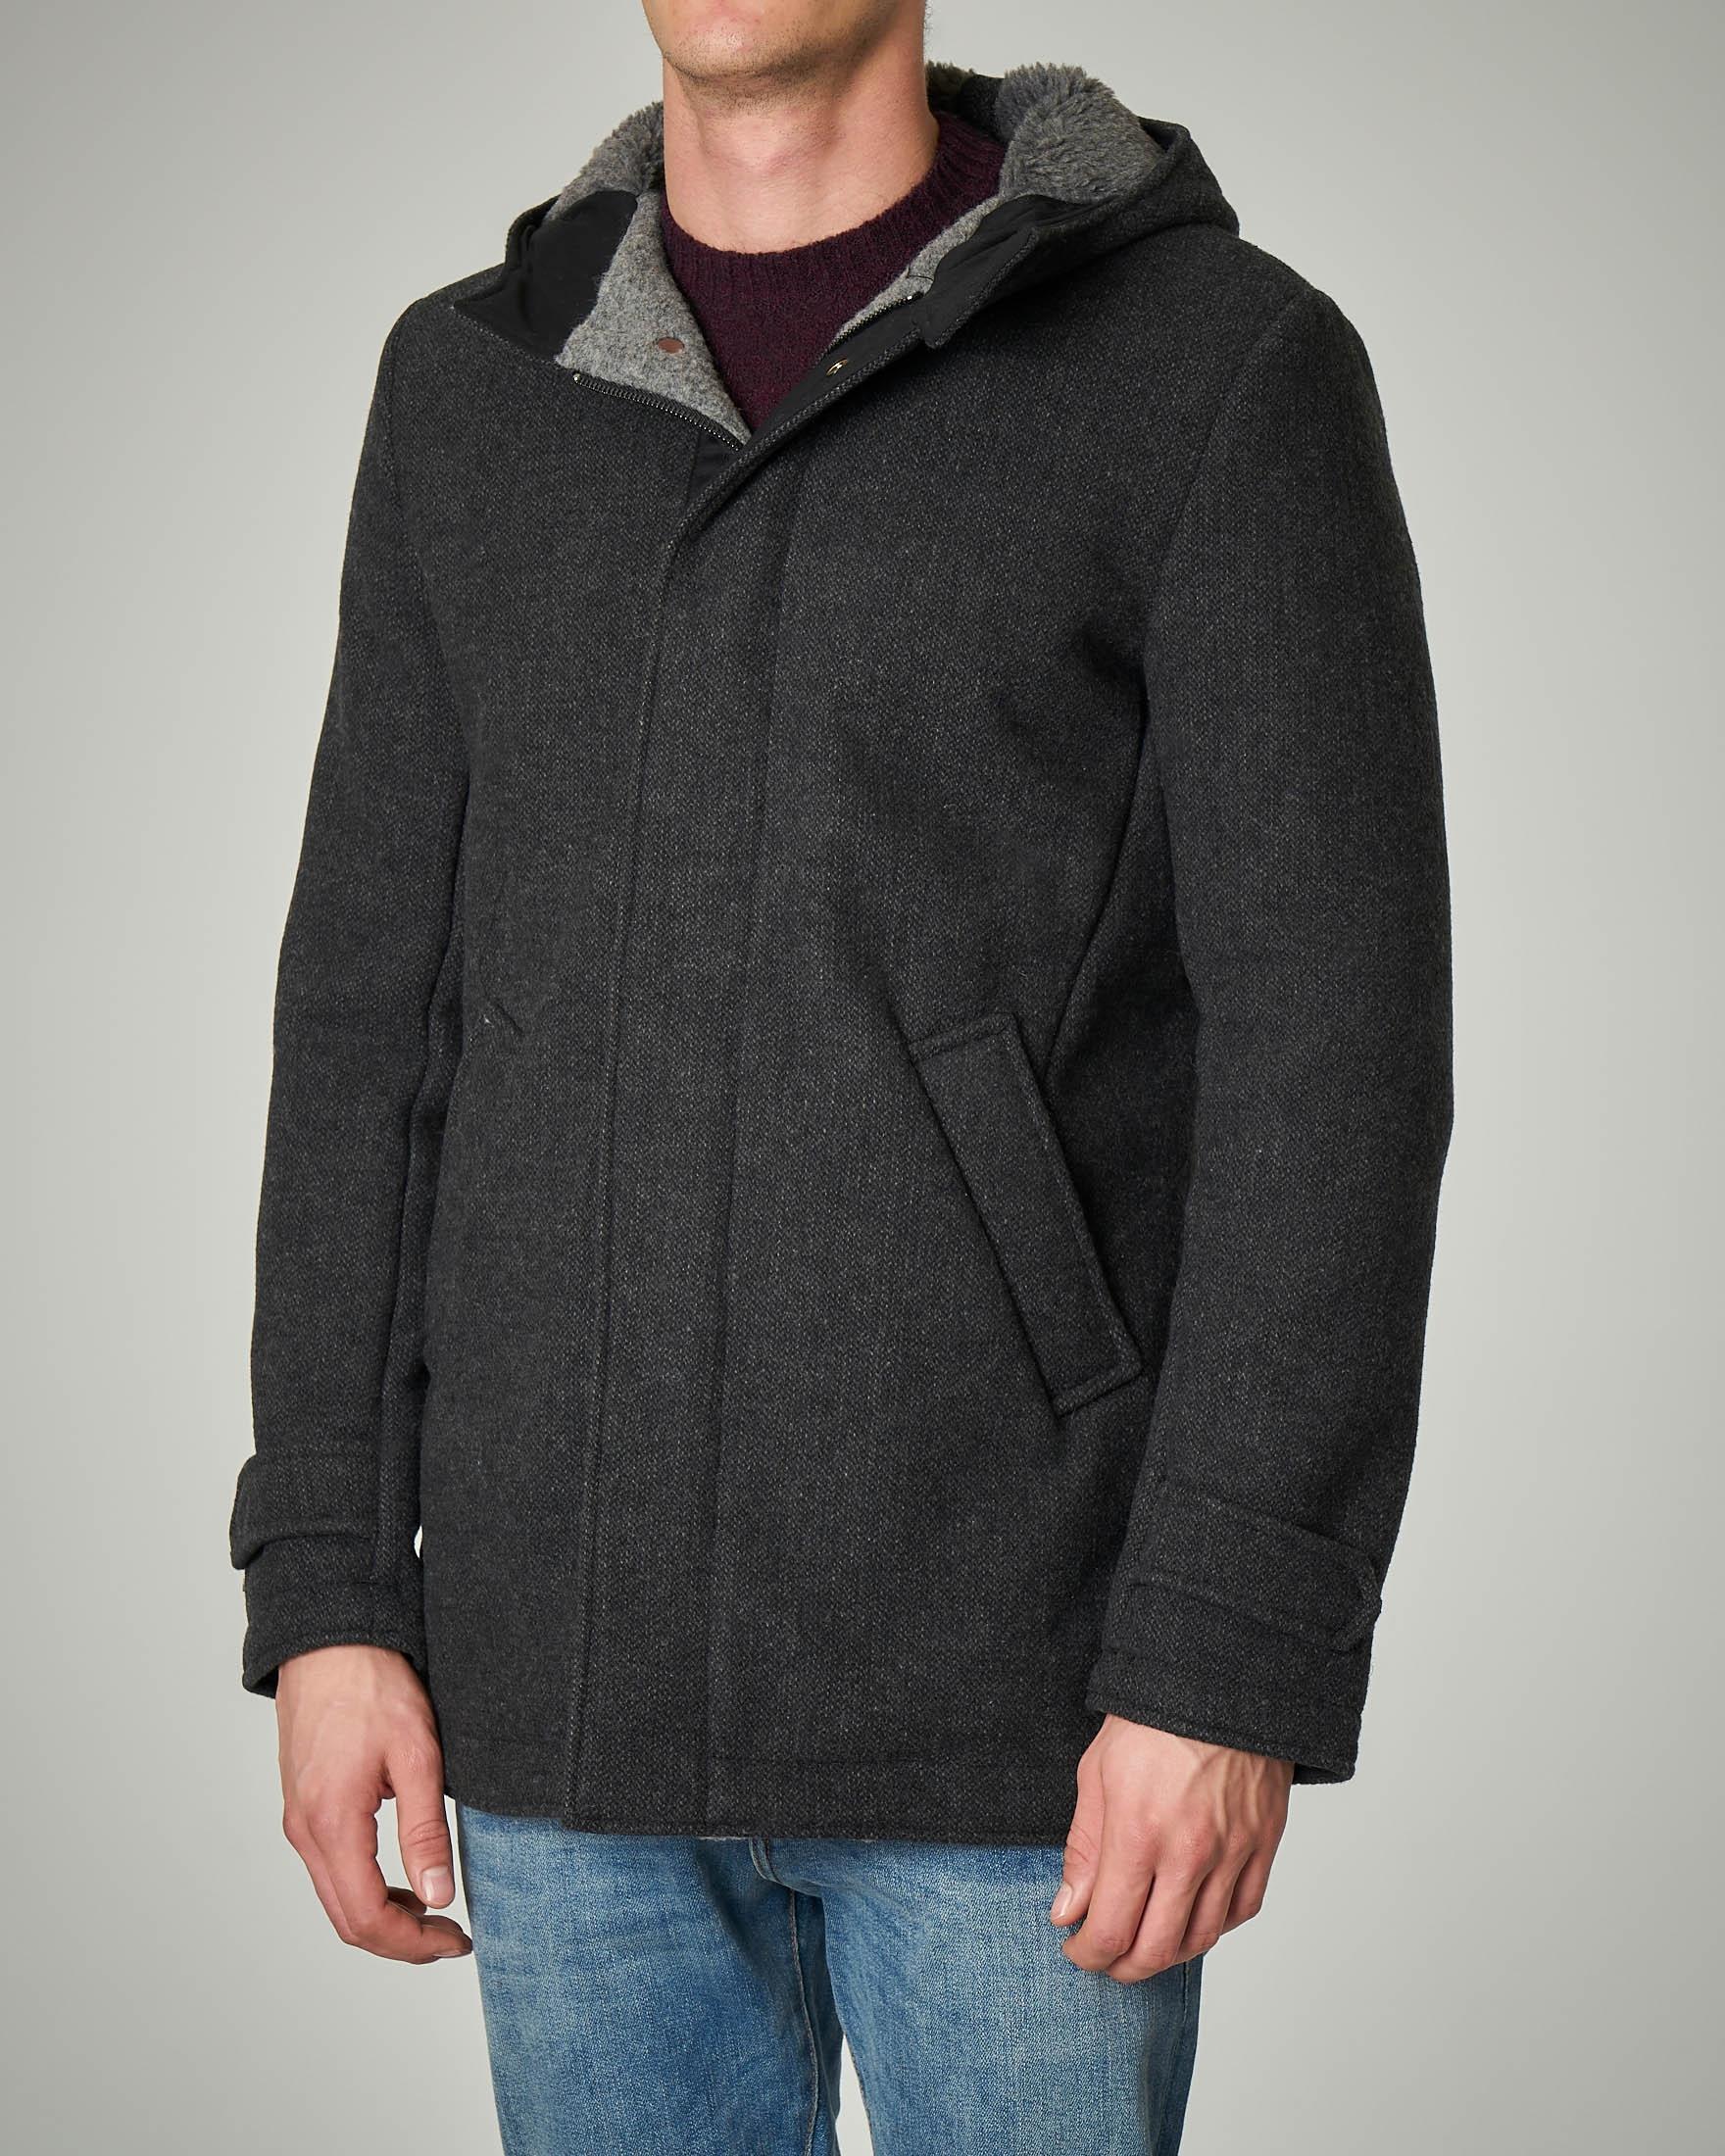 Cappotto grigio scuro con cappuccio e chiusura zip nascosta